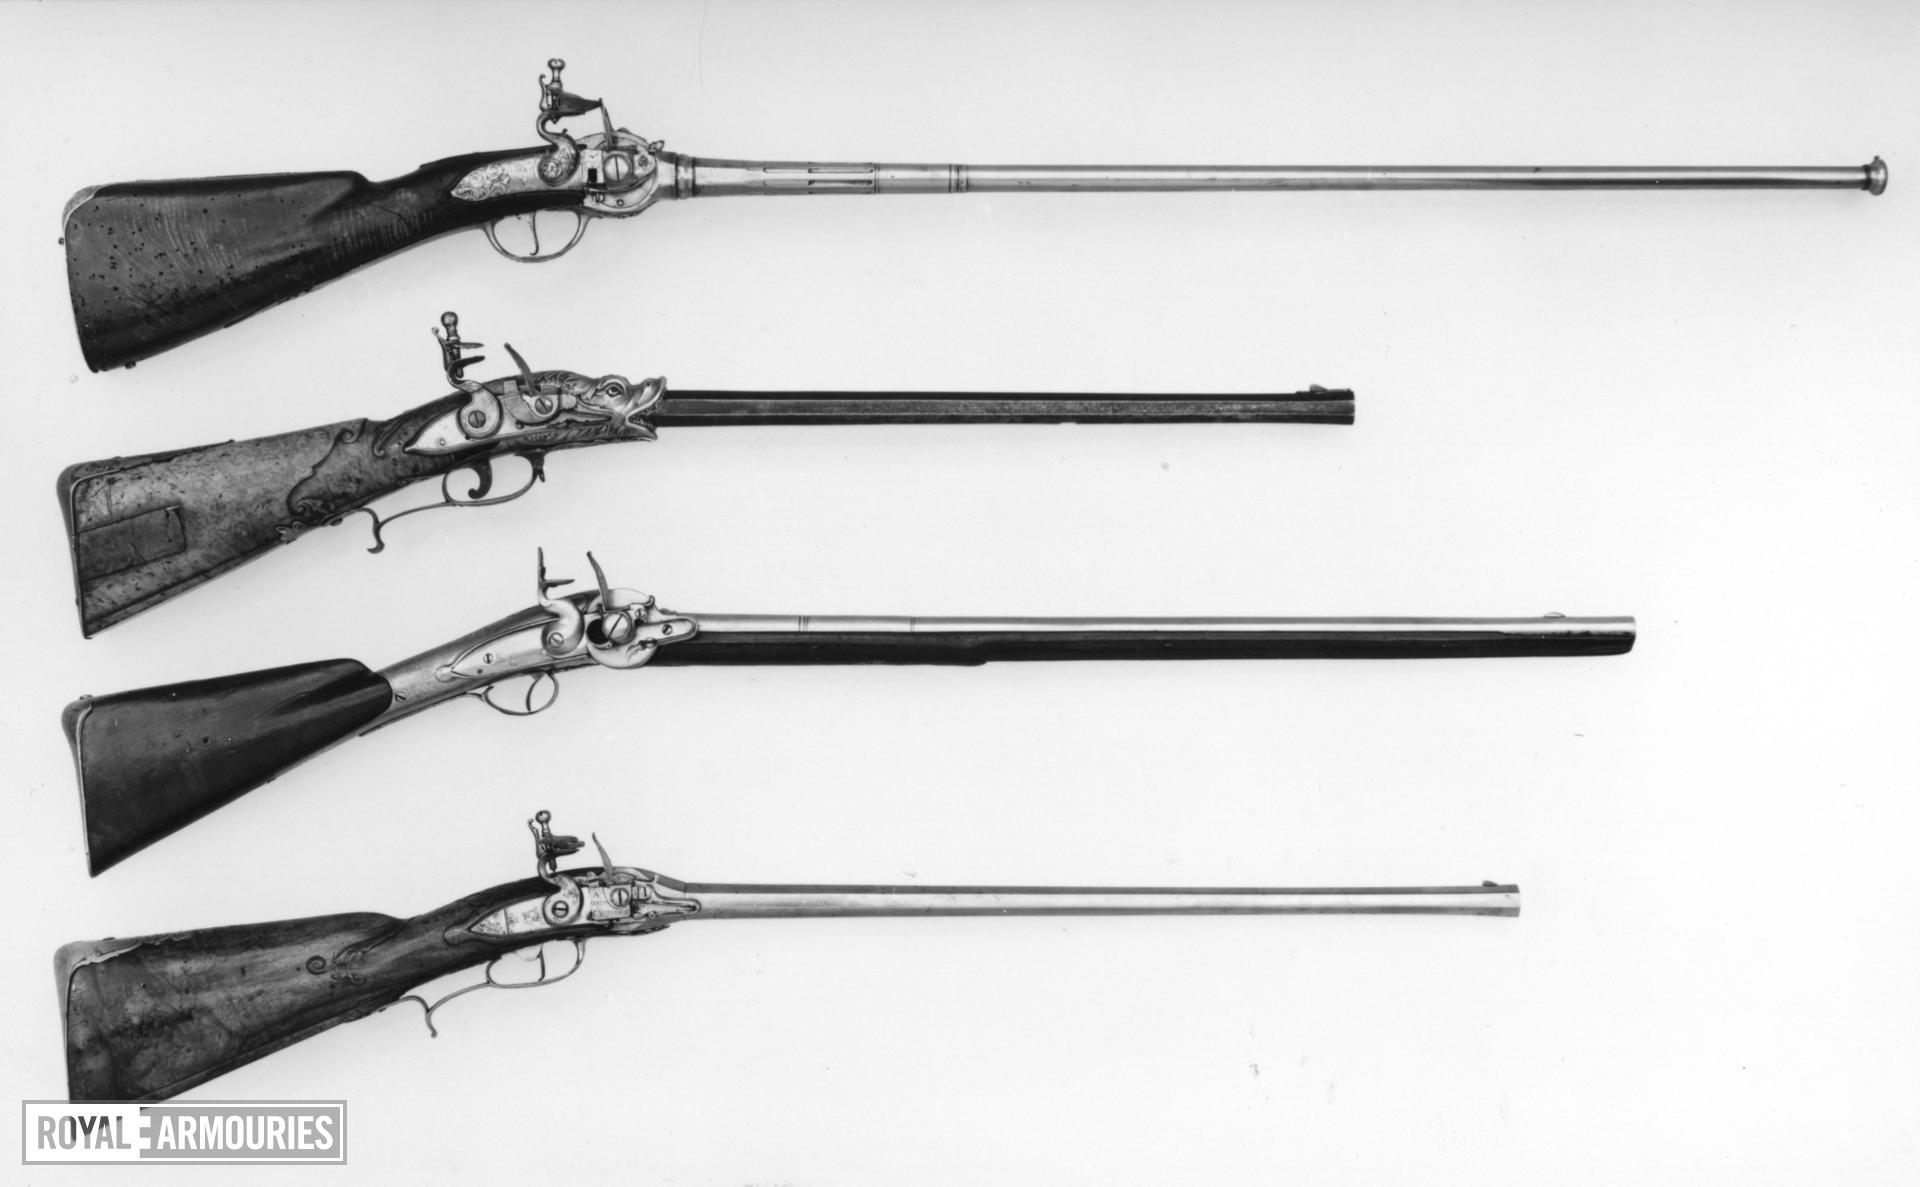 Flintlock breech-loading rifle - By C. Nuterisch